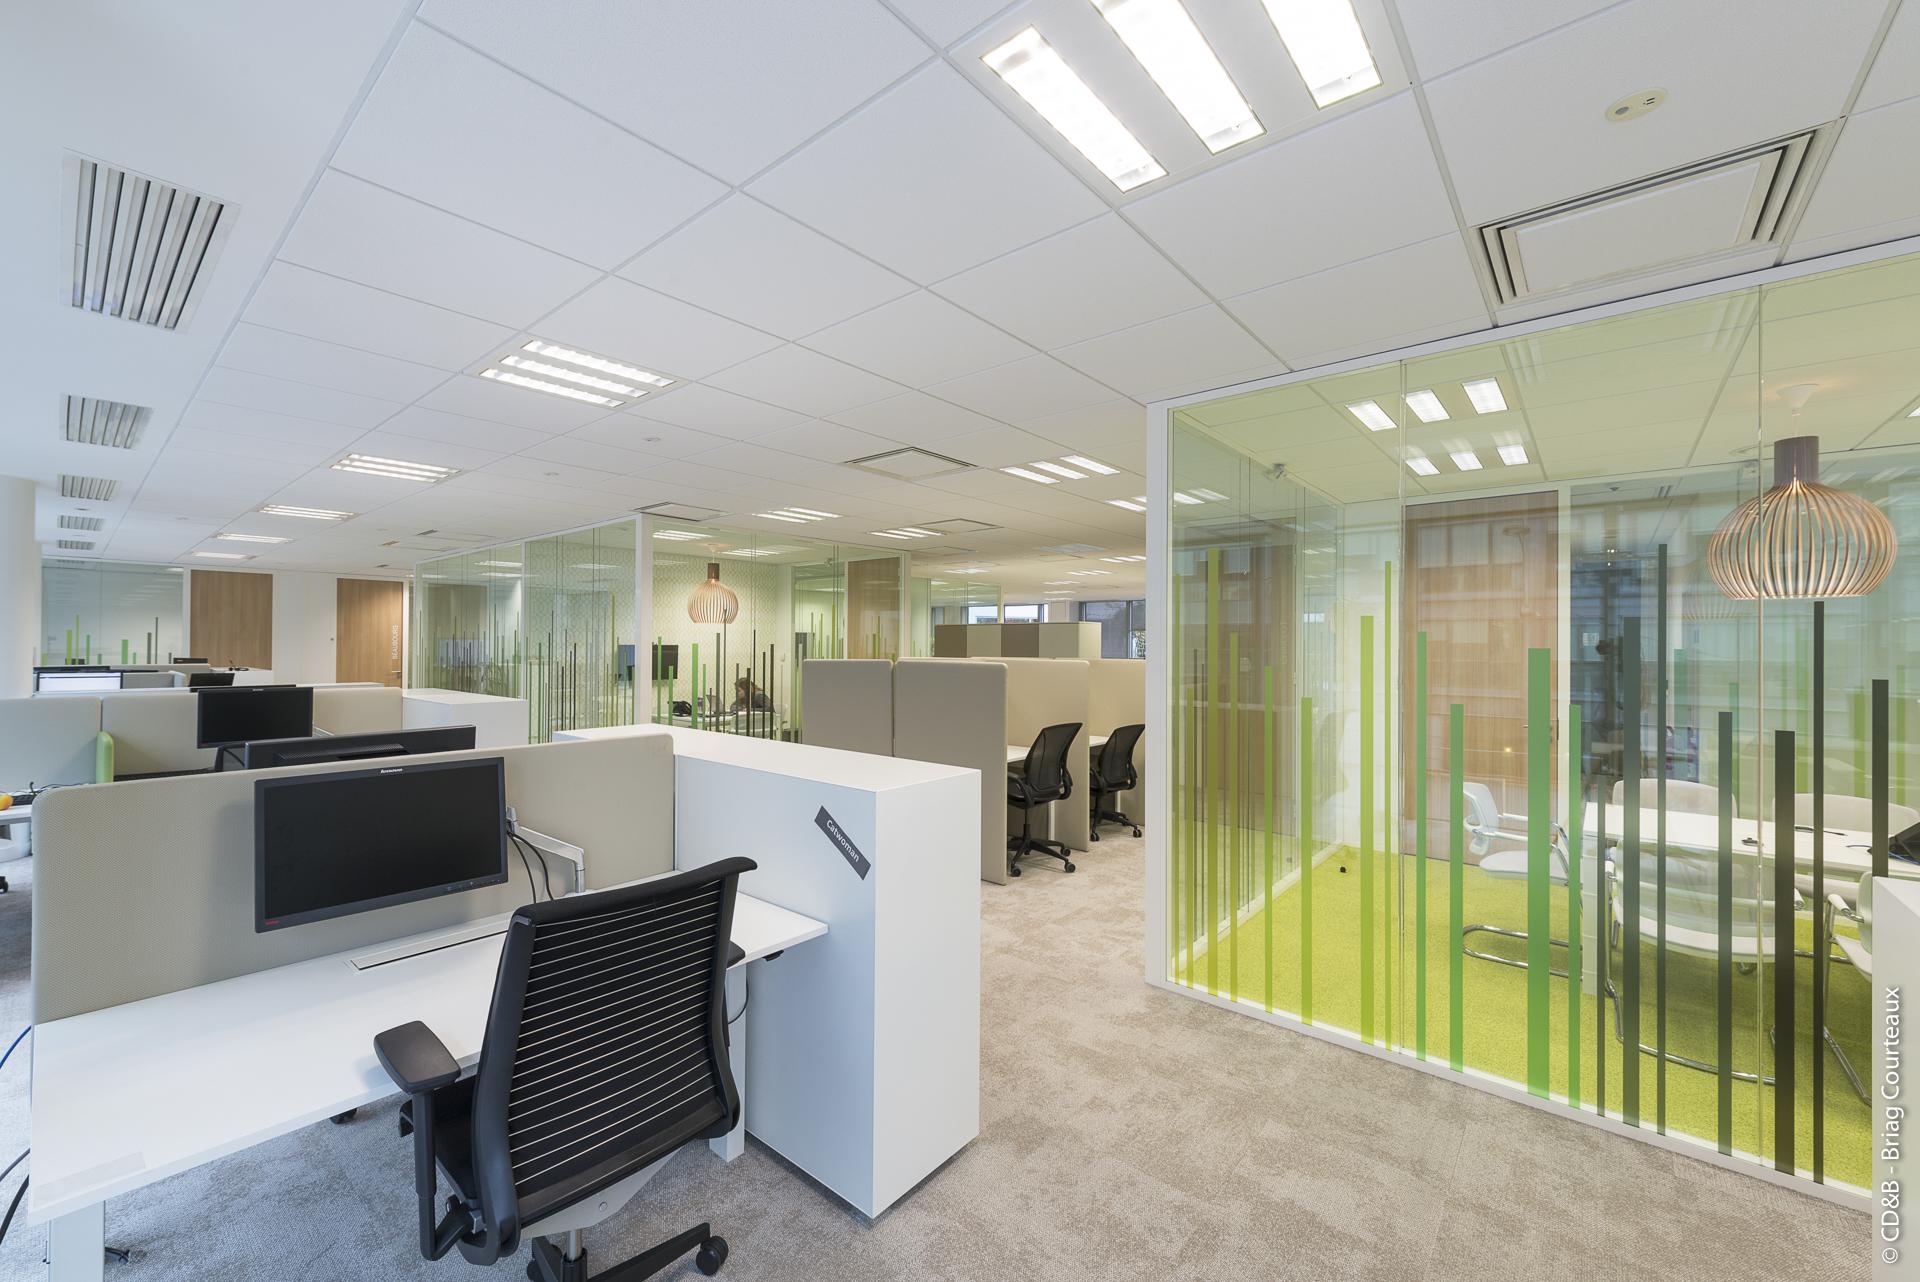 Conseil, aménagement, conception et réalisation des espaces de la société Quintiles par CDB, Meet you there.